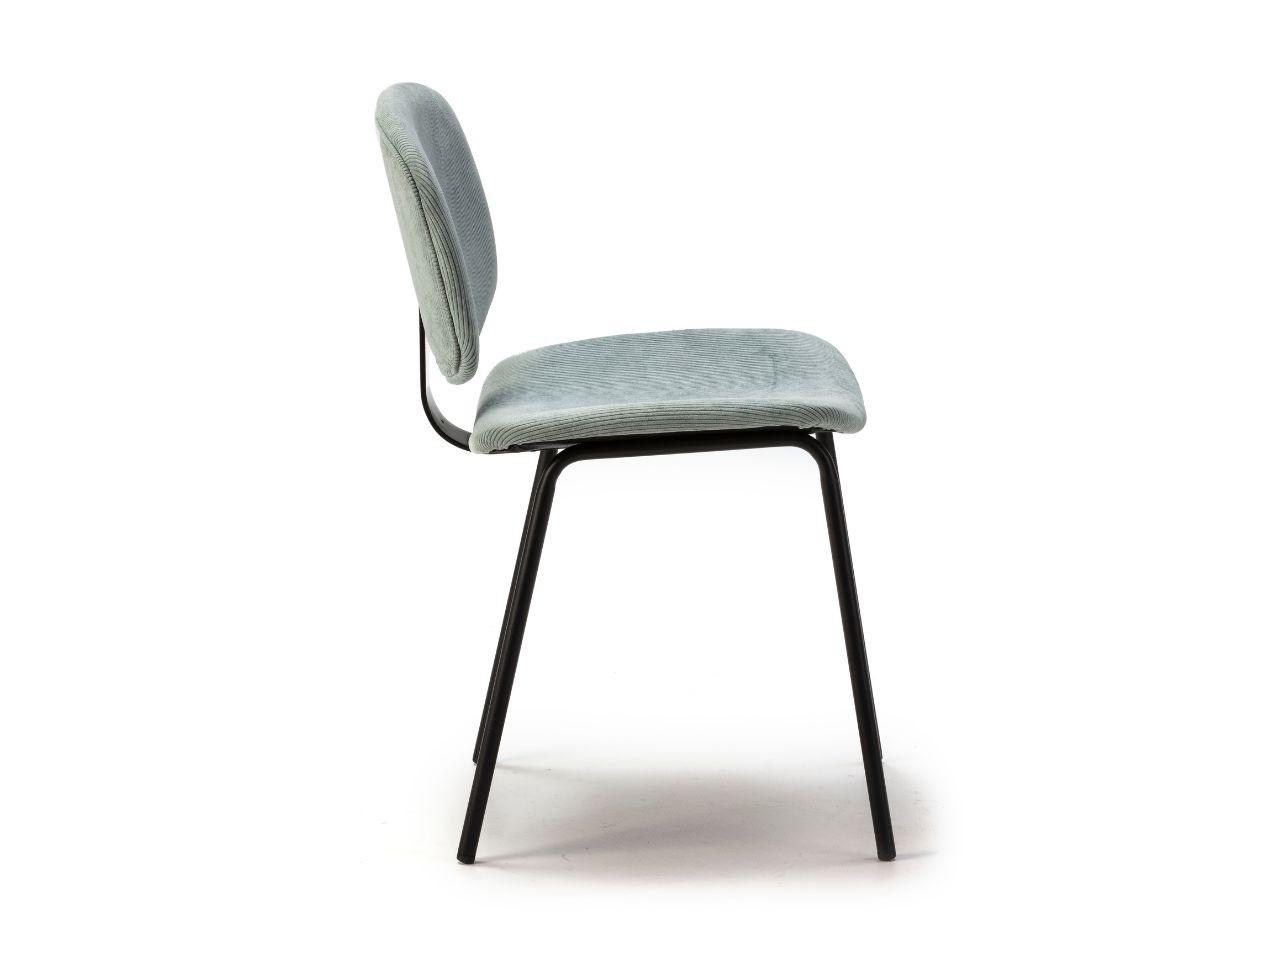 Productos En Stock Dicoro # Muebles Dico Sofa Cama